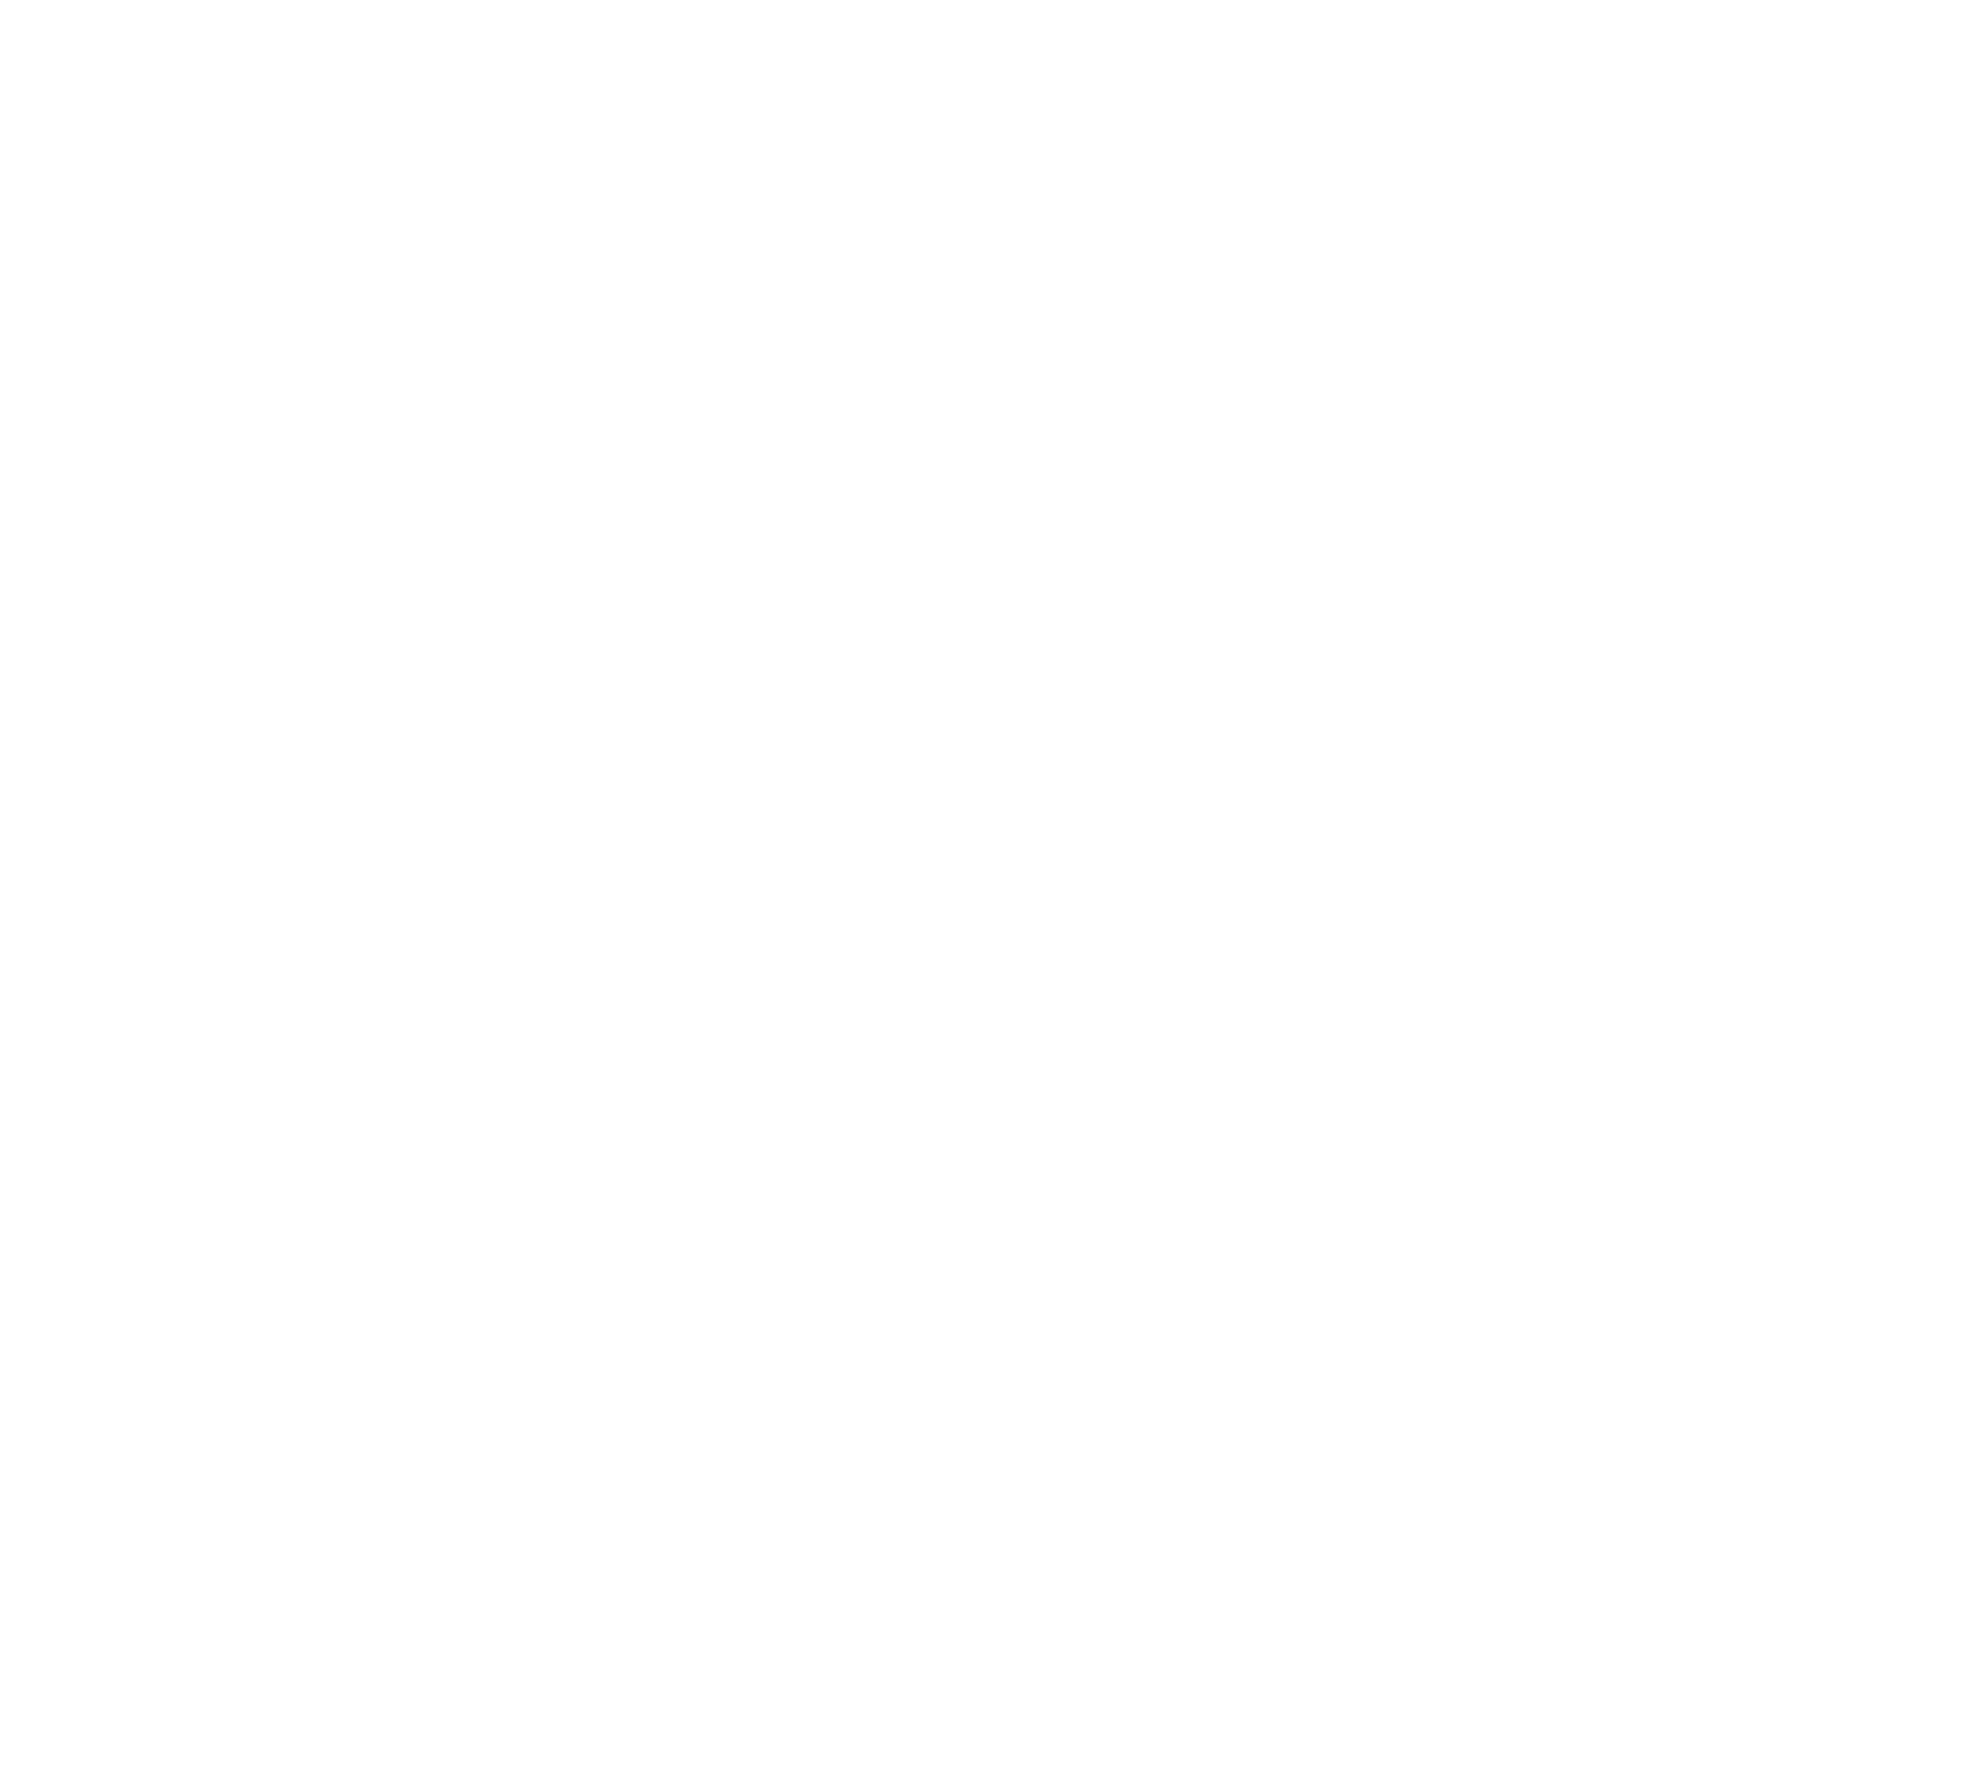 2019_PaddlingFF_AwardWinner_WhiteLaurel.png